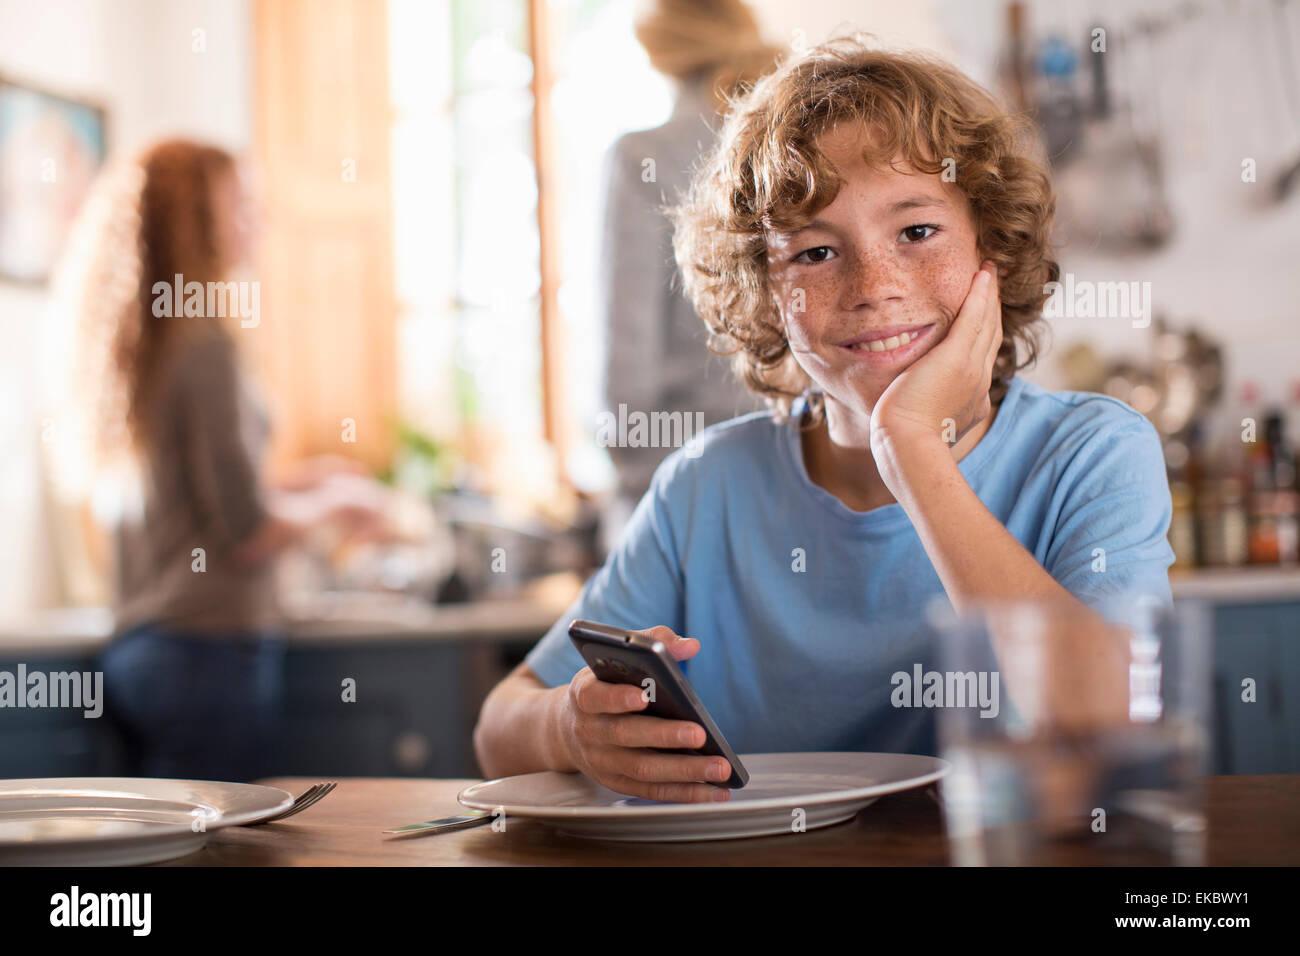 Ragazzo adolescente tenendo lo smartphone al tavolo da pranzo Immagini Stock